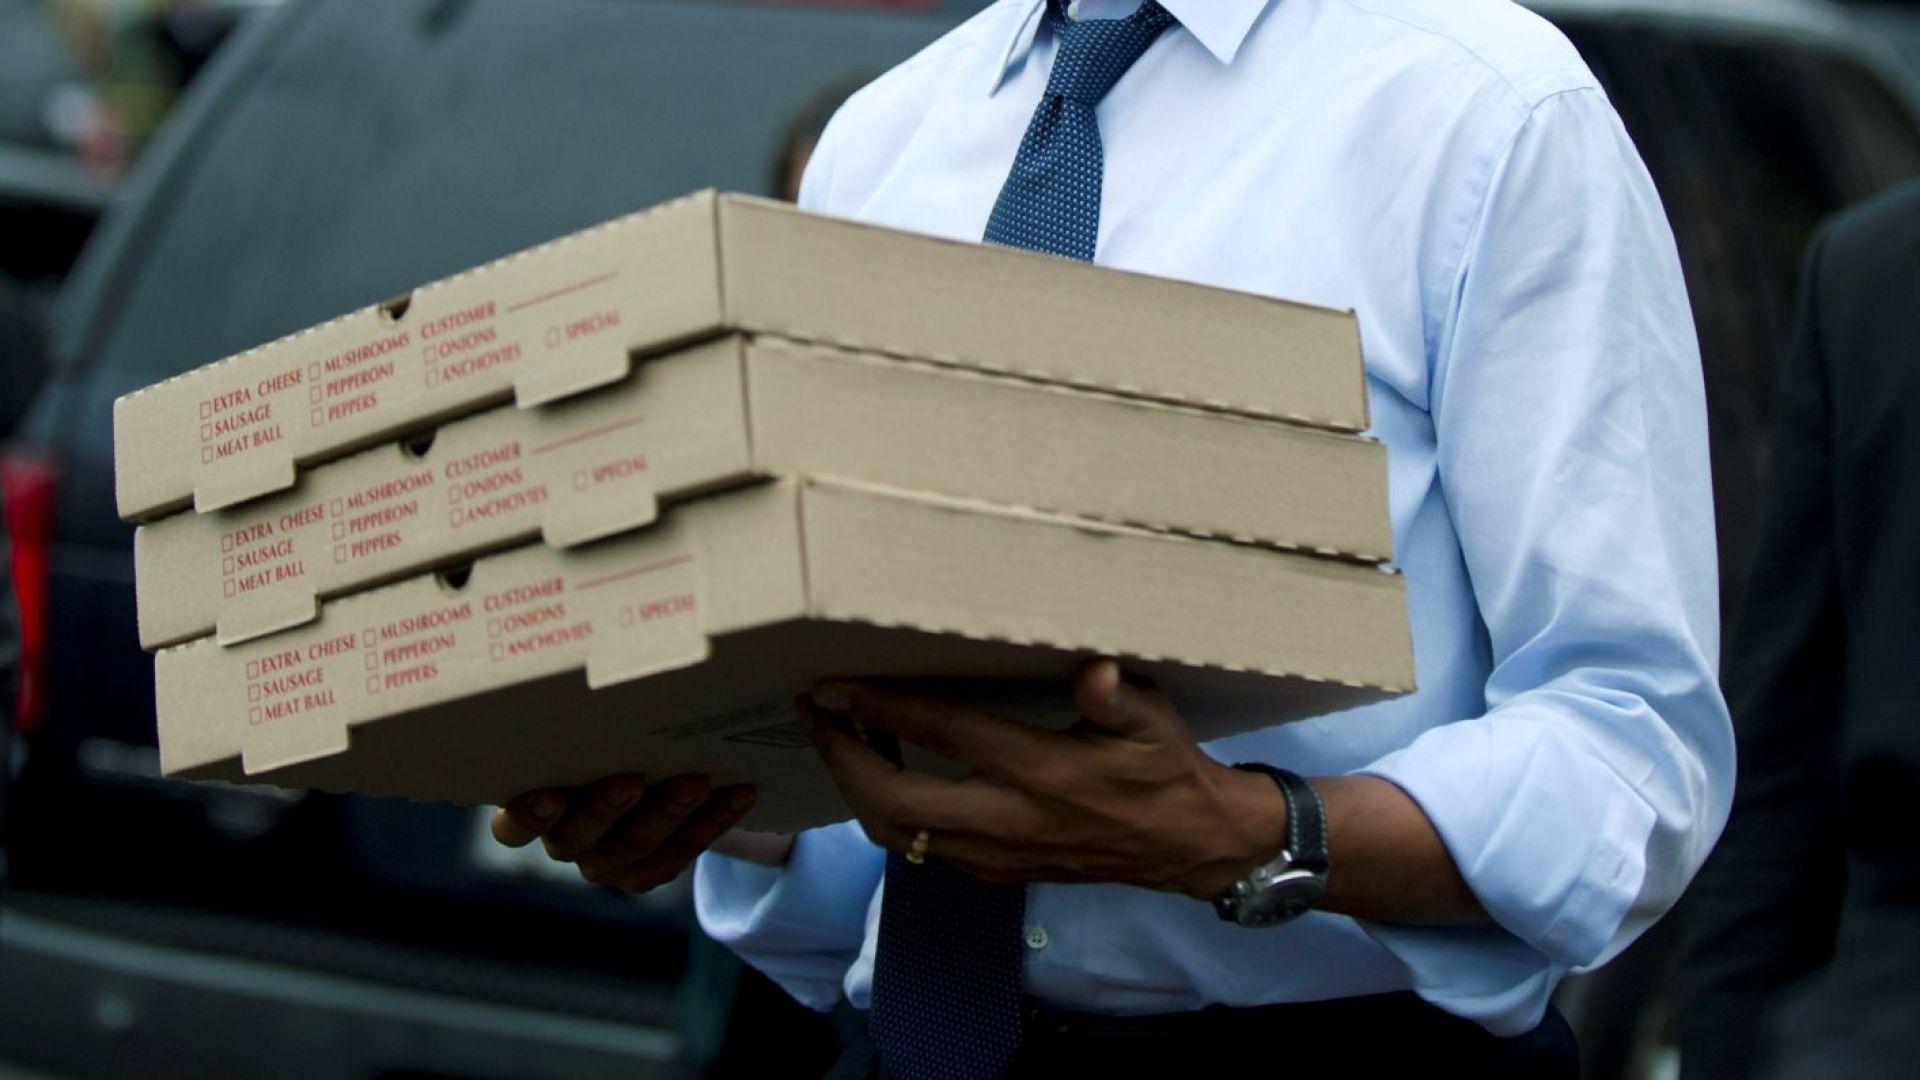 Ваксините срещу COVID-19 в румънски окръг пристигнаха в кутии за пица